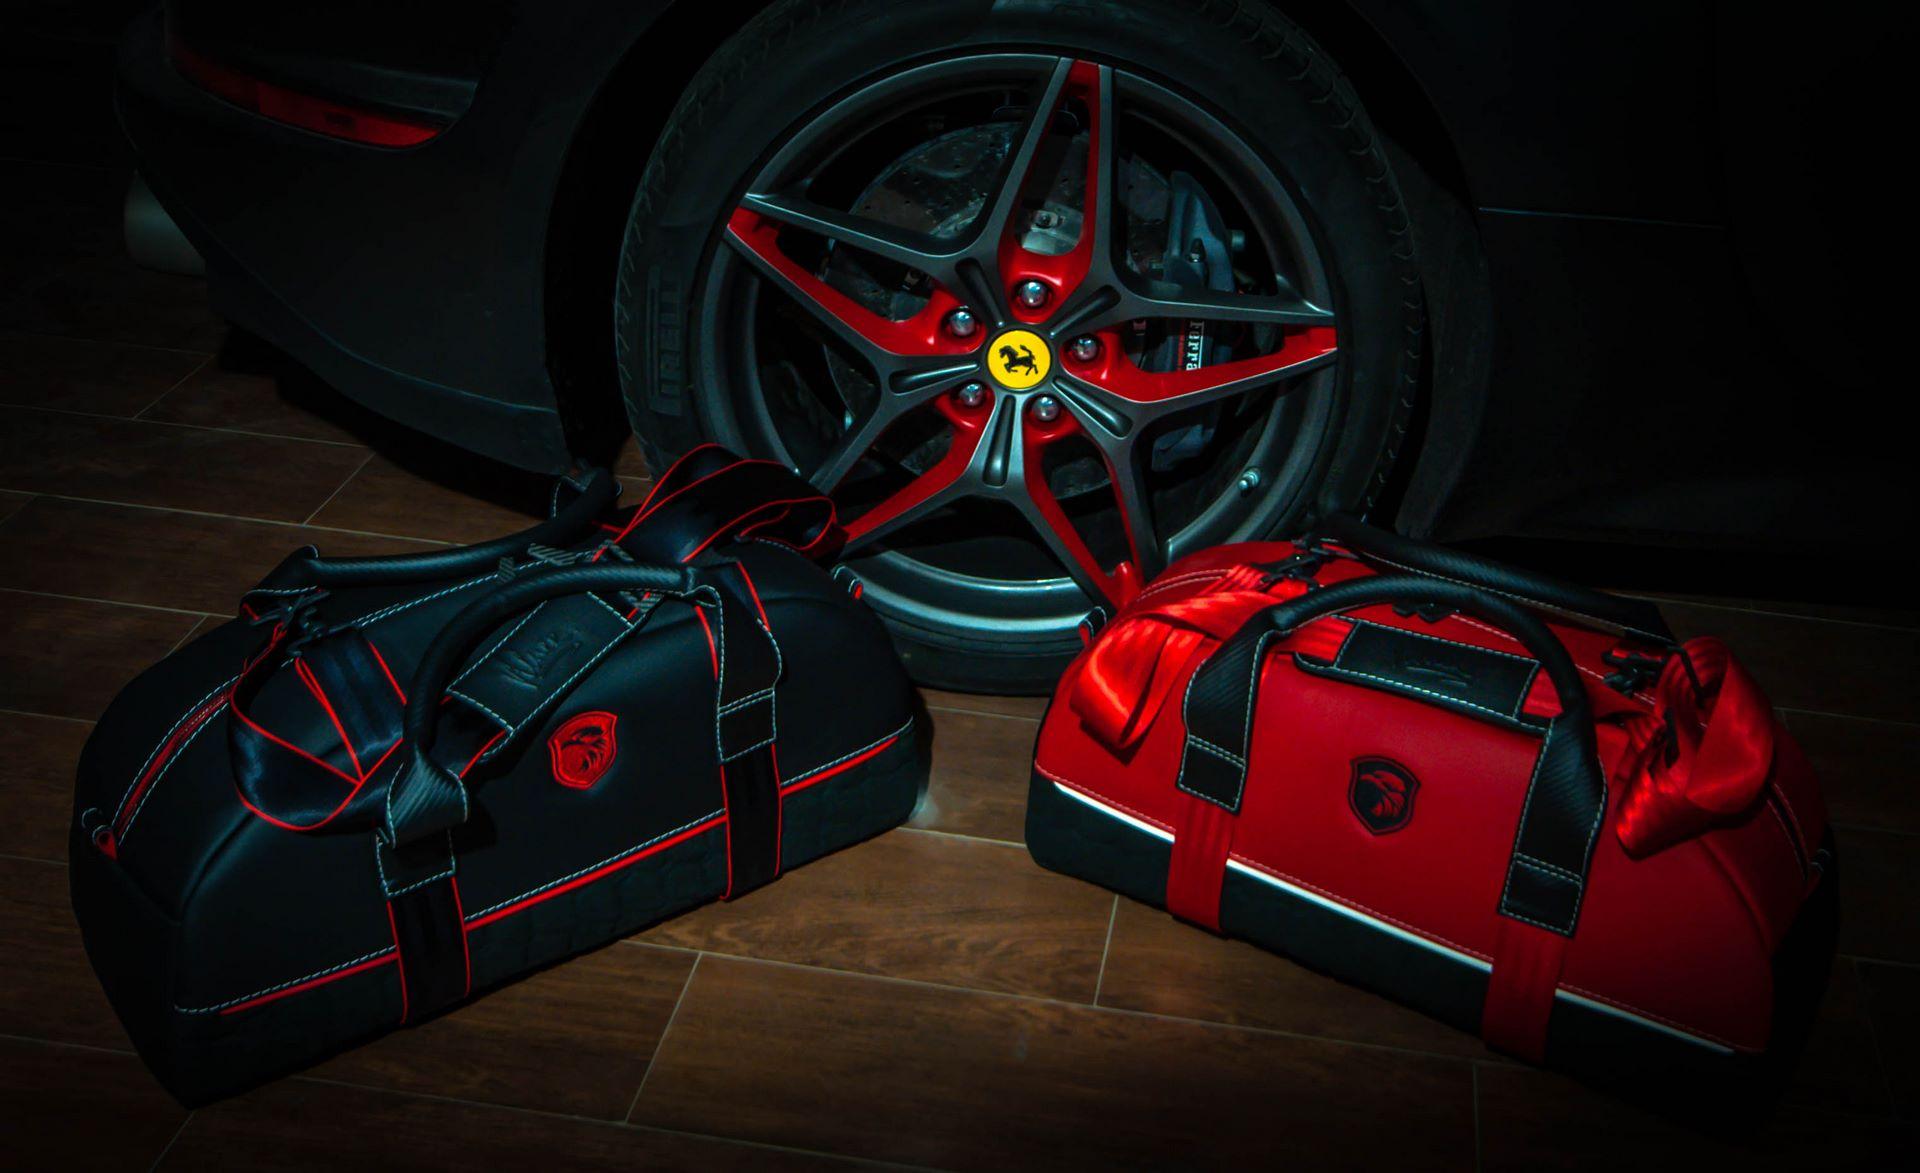 Ferrari-California-T-by-Vilner-Garage-18